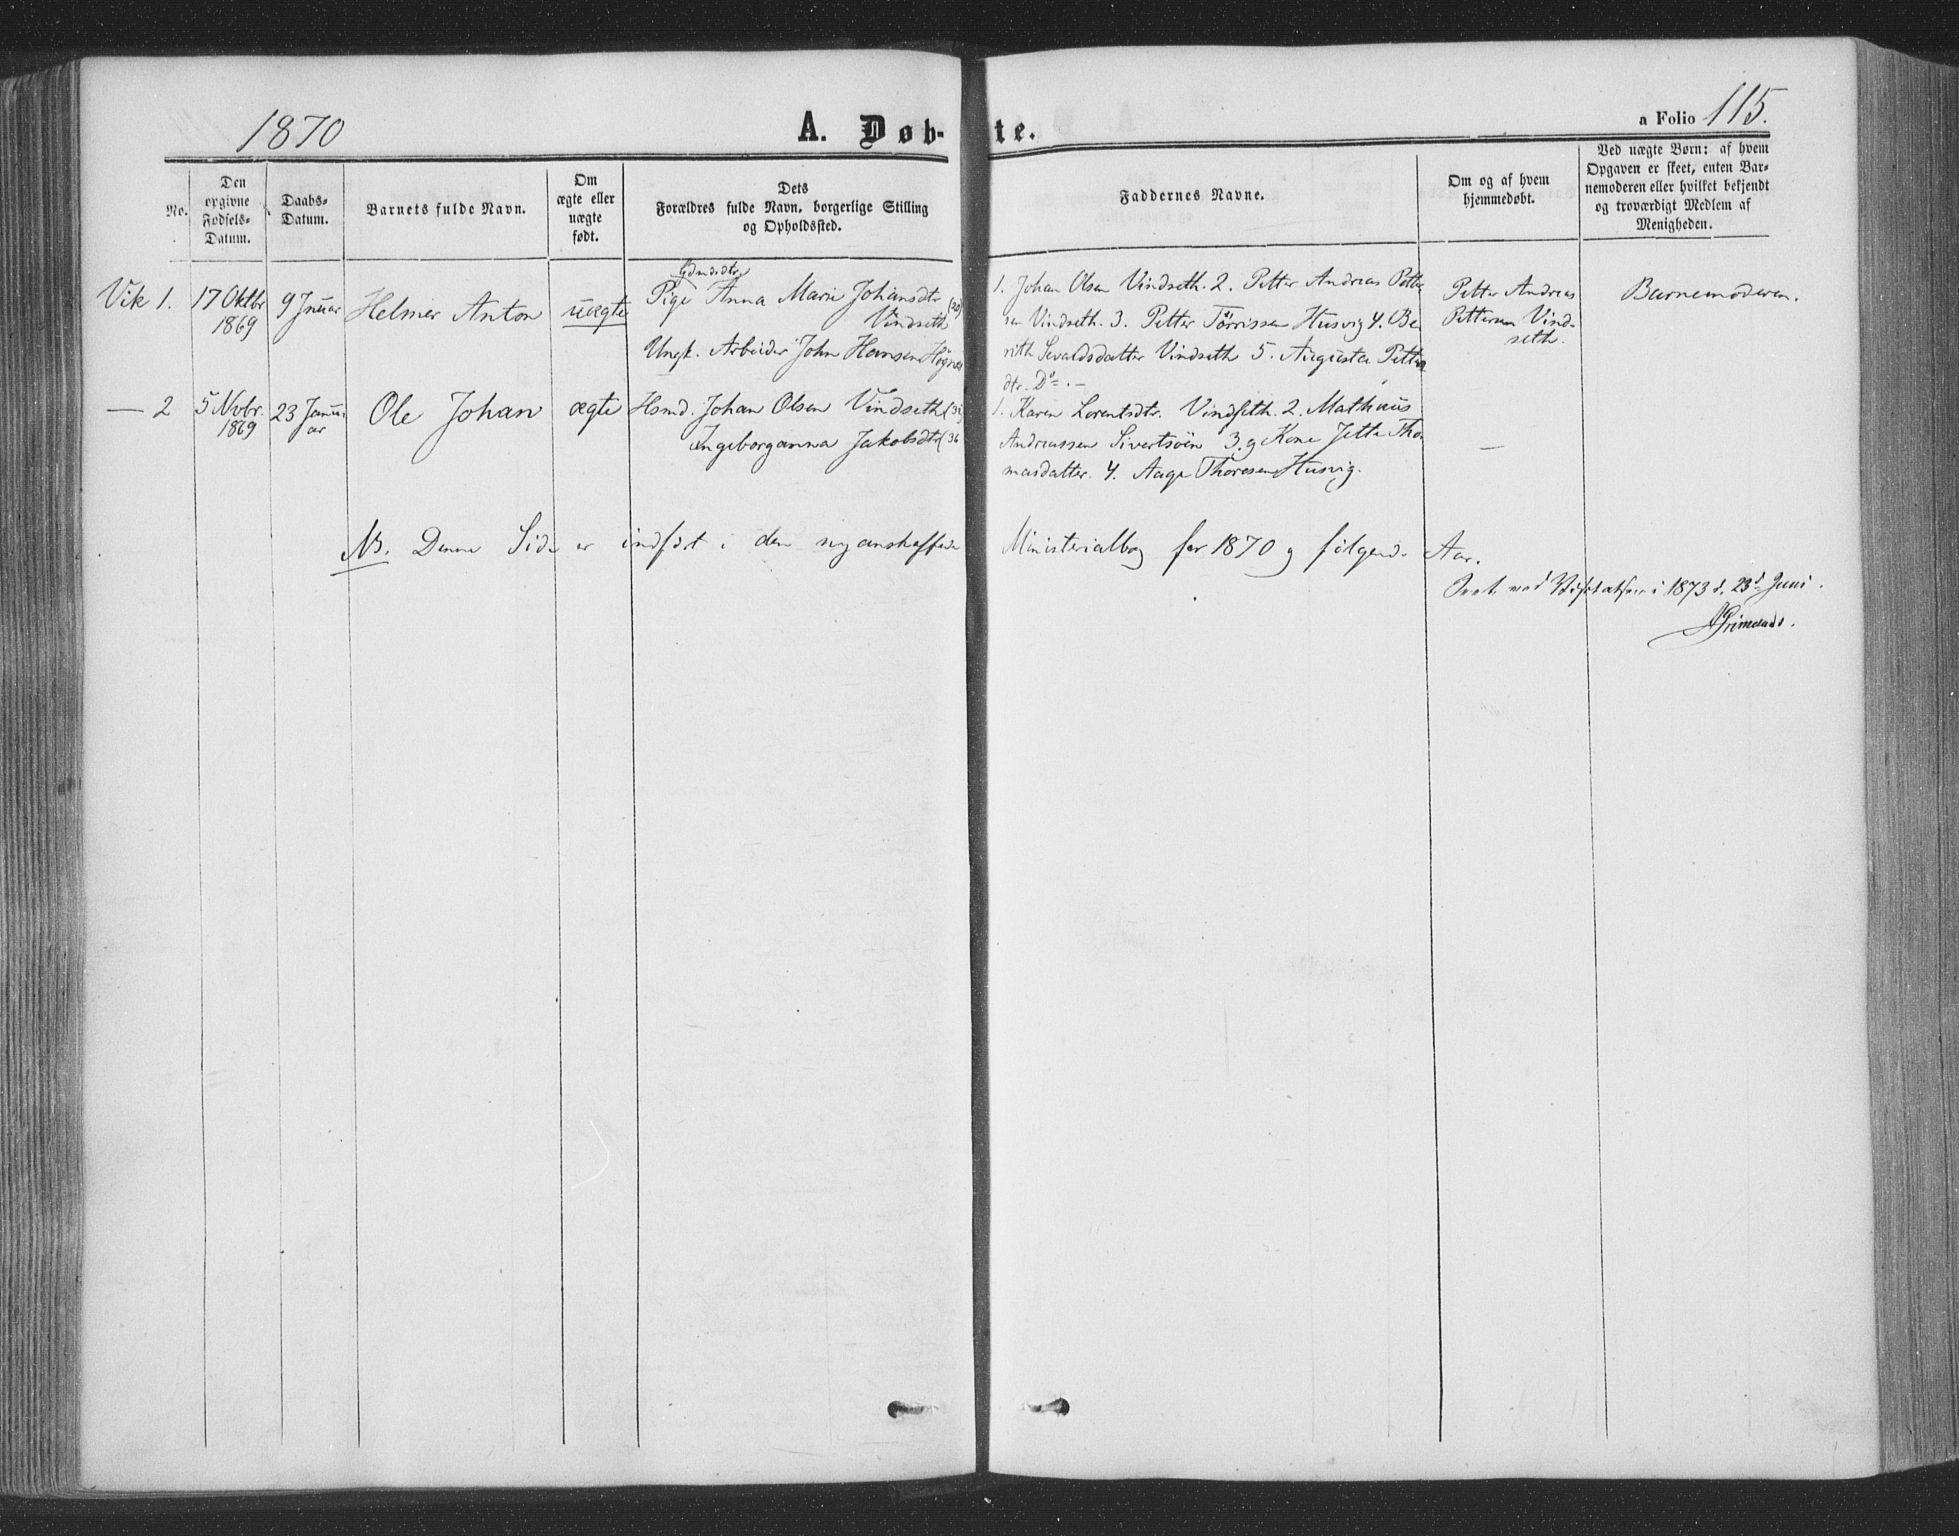 SAT, Ministerialprotokoller, klokkerbøker og fødselsregistre - Nord-Trøndelag, 773/L0615: Ministerialbok nr. 773A06, 1857-1870, s. 115